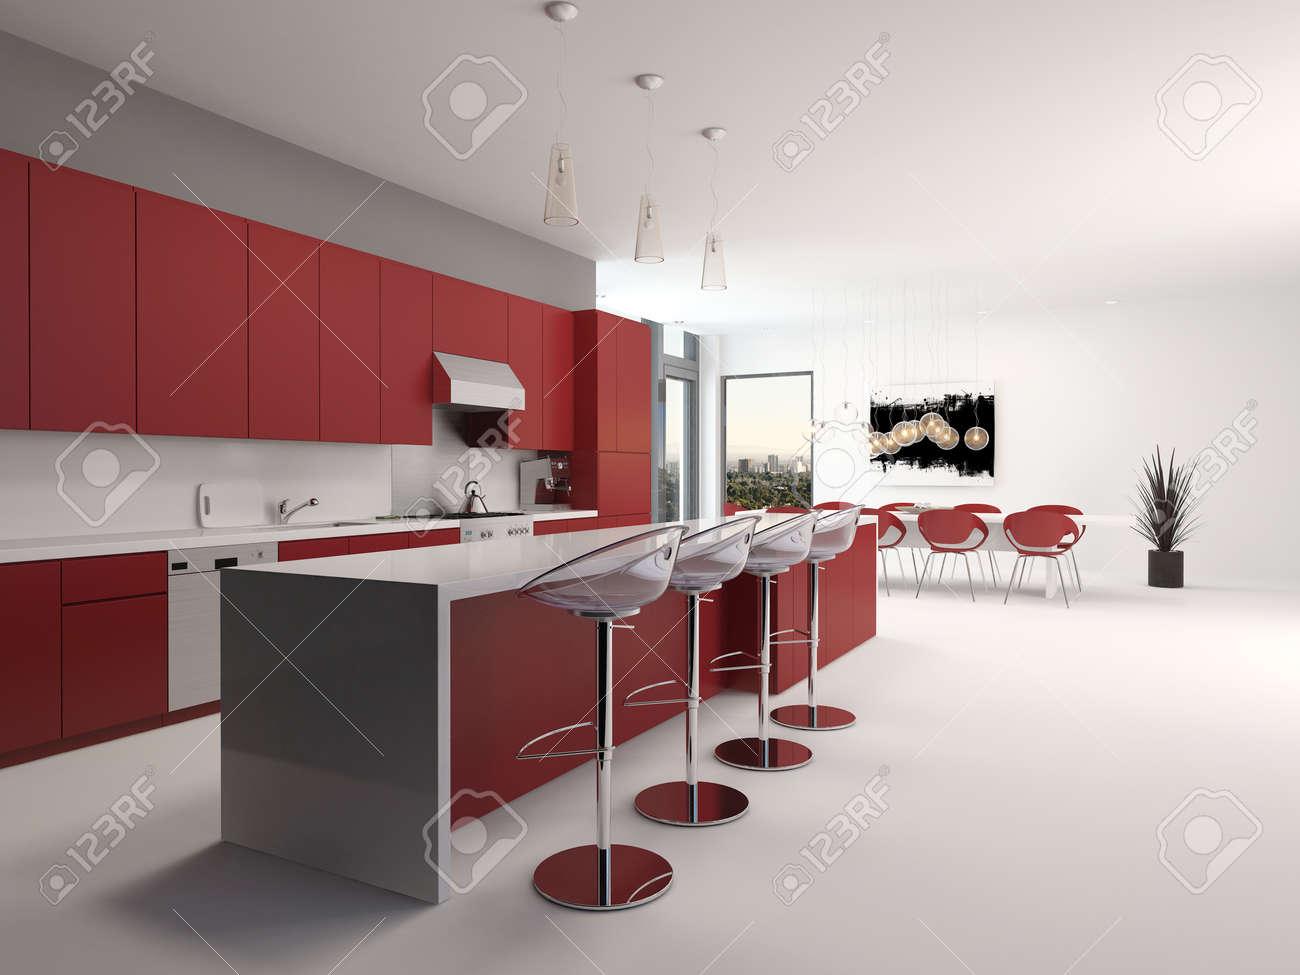 Isola cucina con sgabelli cucina laccata bianco e grigio con isola